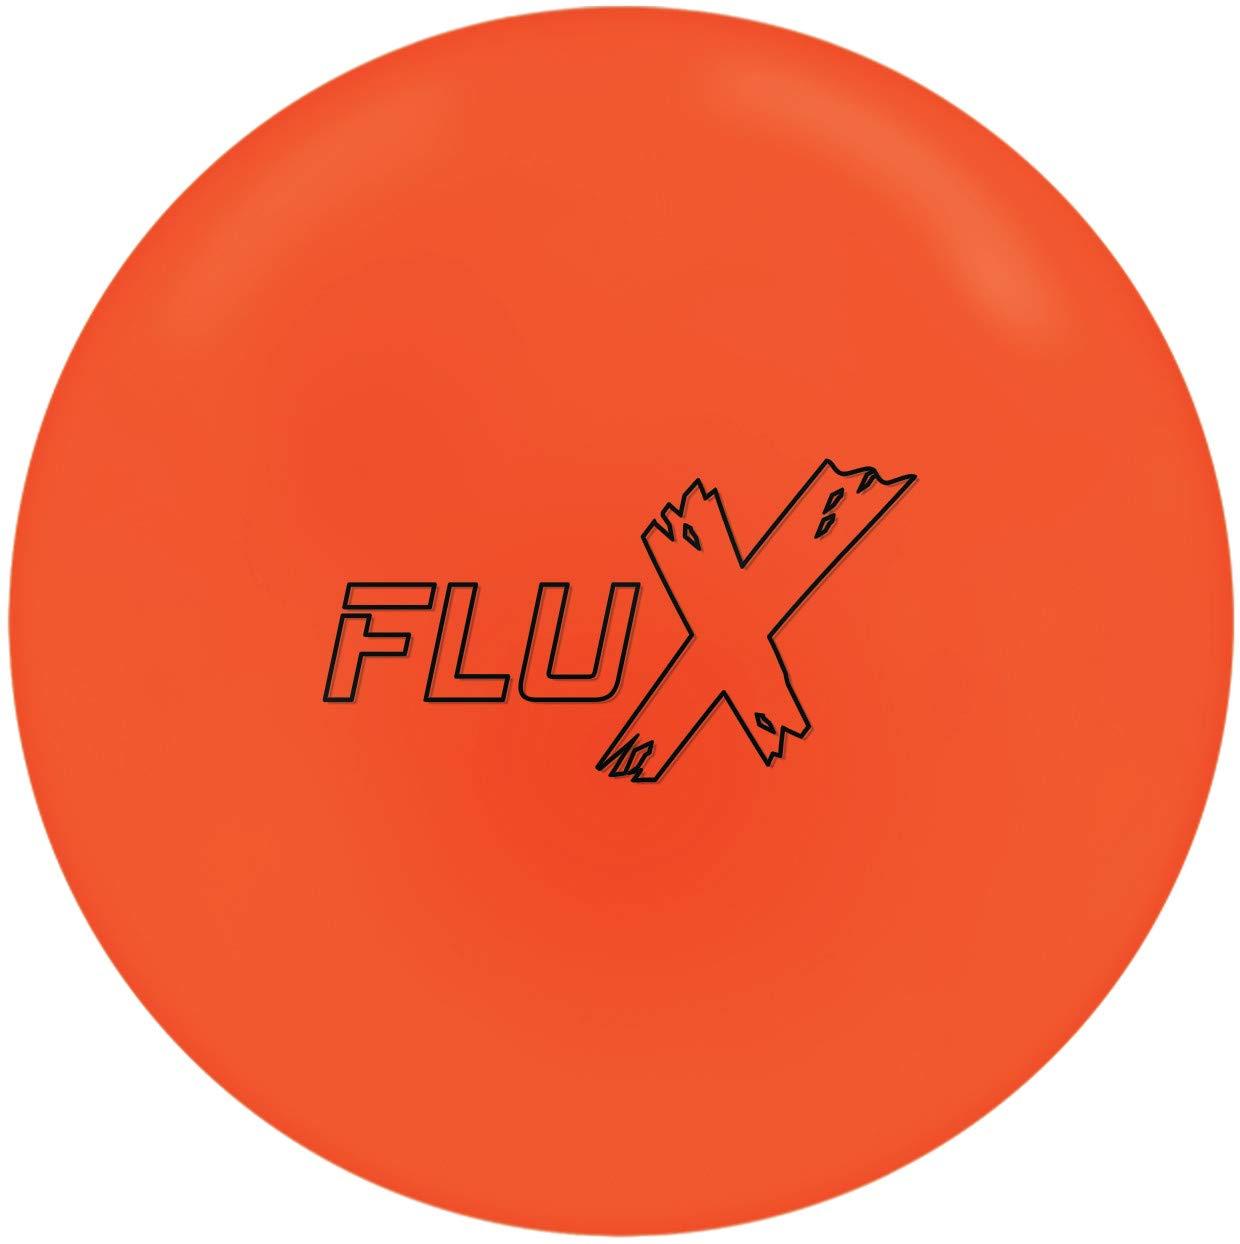 900 Global Flux ボウリングボール オレンジ